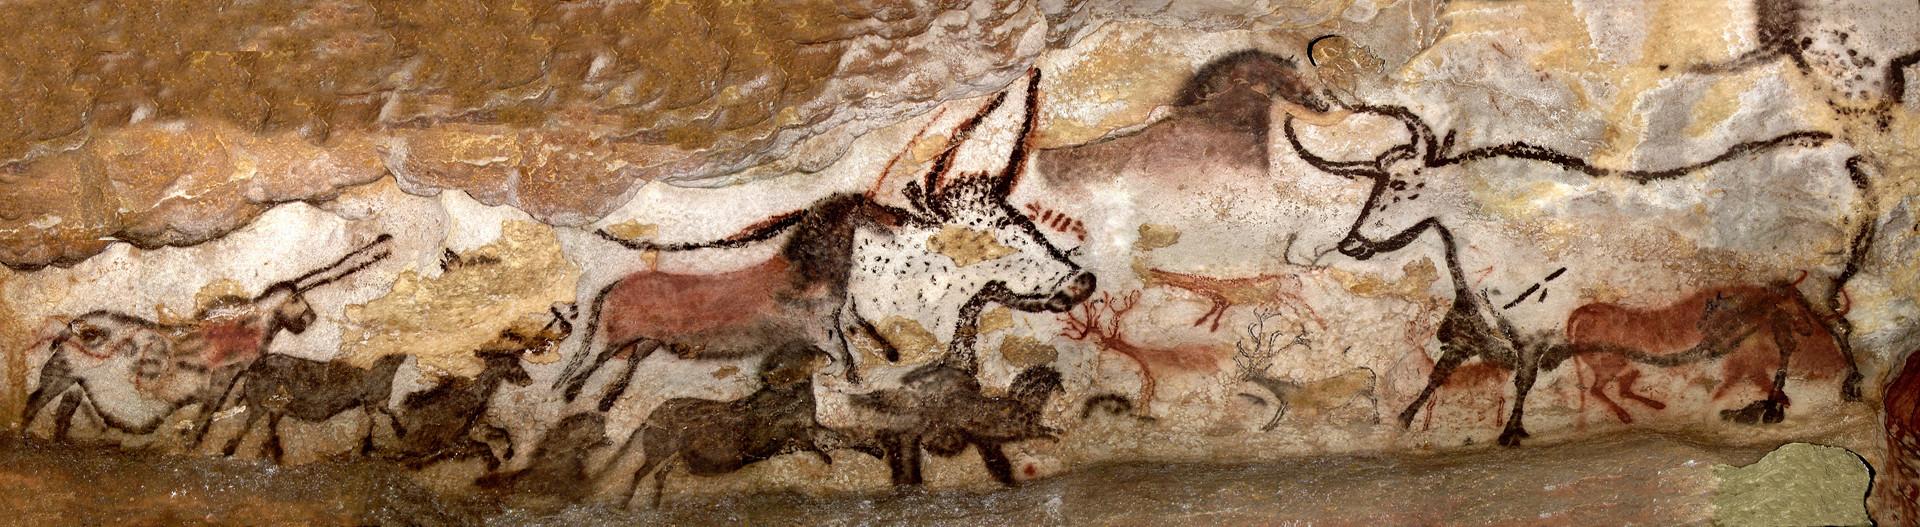 Interview Michael van der Sloot - Cave Art 2